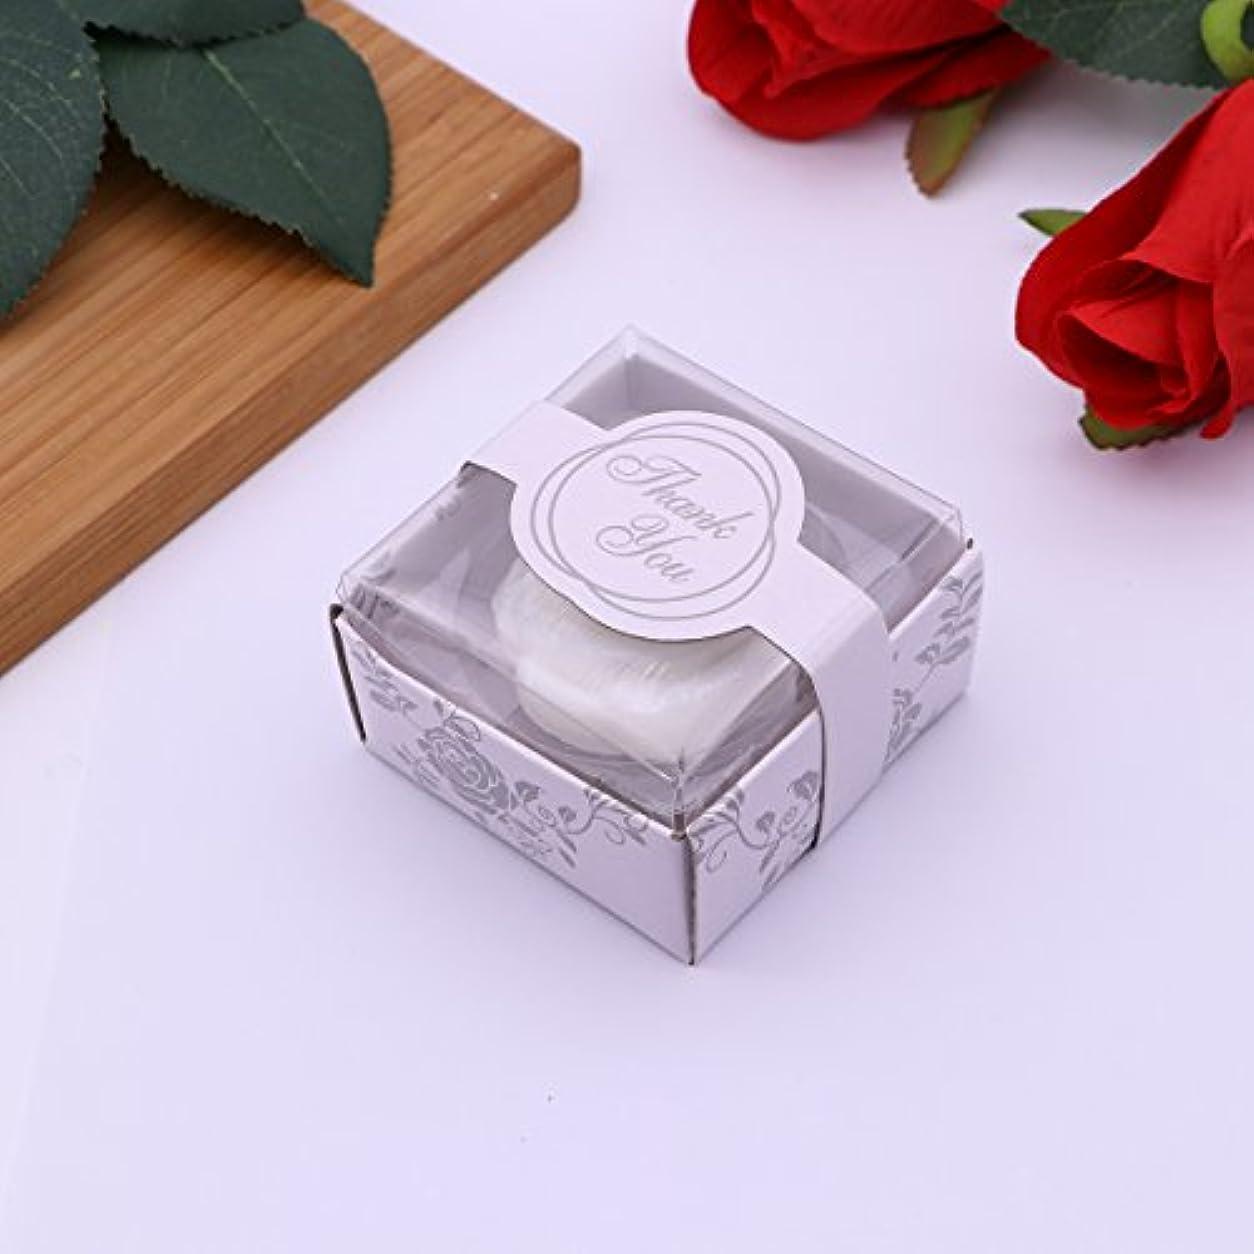 受け取るボーダー王子Amosfun 手作り石鹸オイルローズフラワーソープアロマエッセンシャルオイルギフト記念日誕生日結婚式バレンタインデー(ホワイト)20ピース